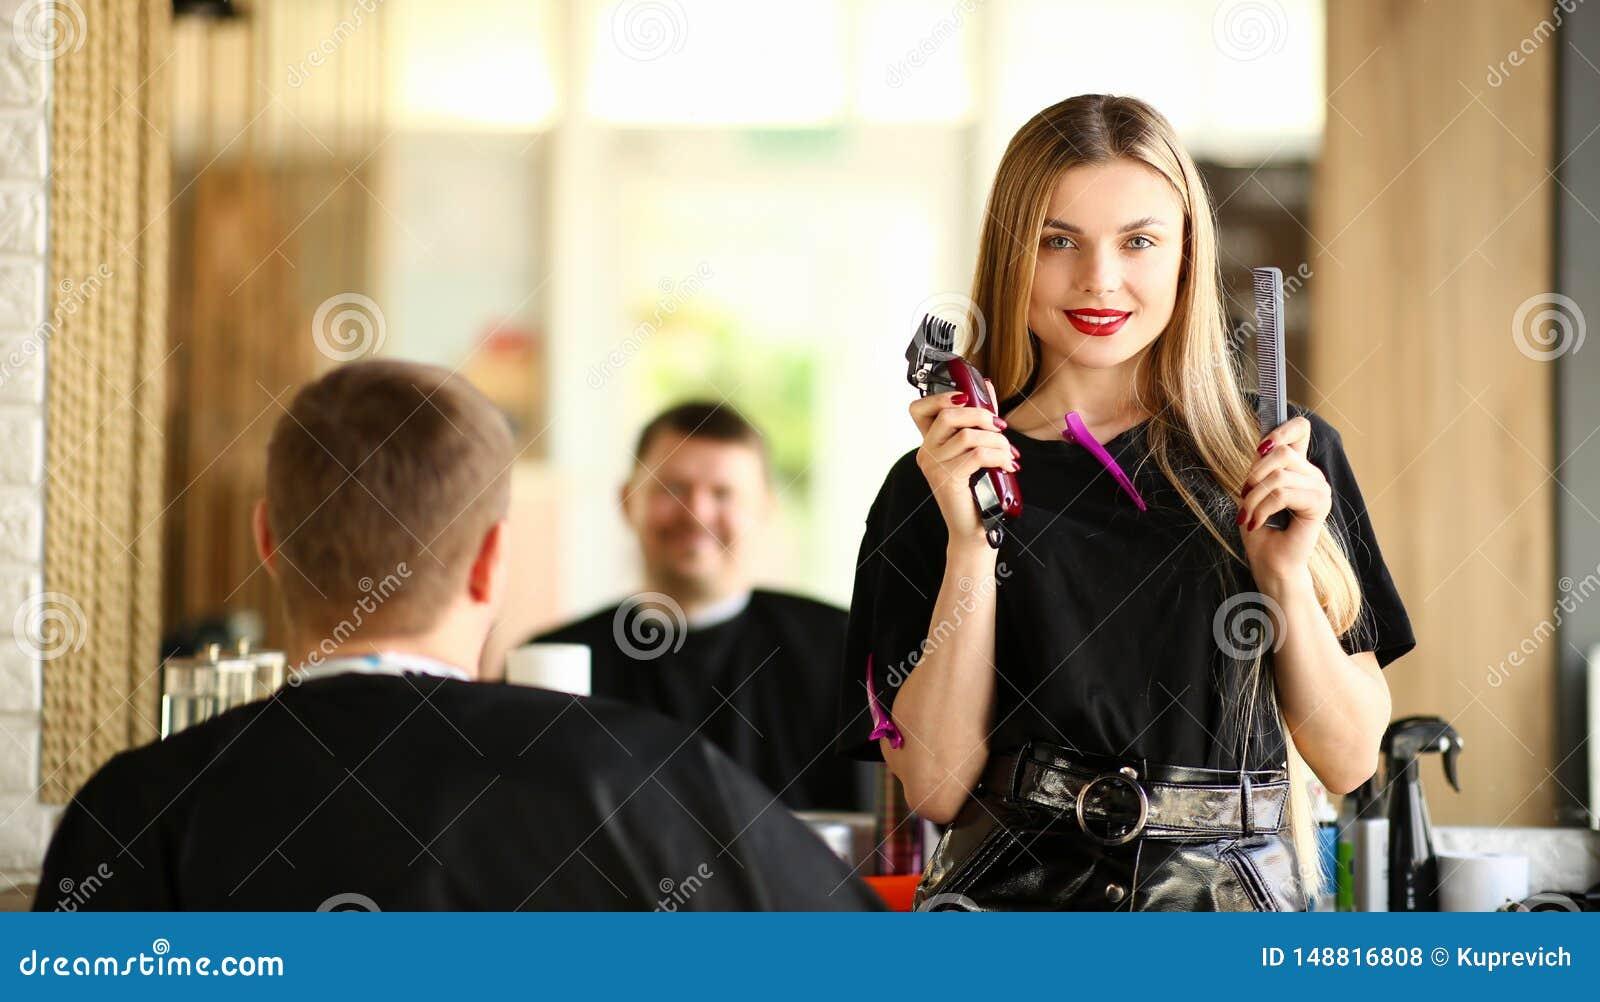 Coiffeuse Showing Razor de femme et peigne au client